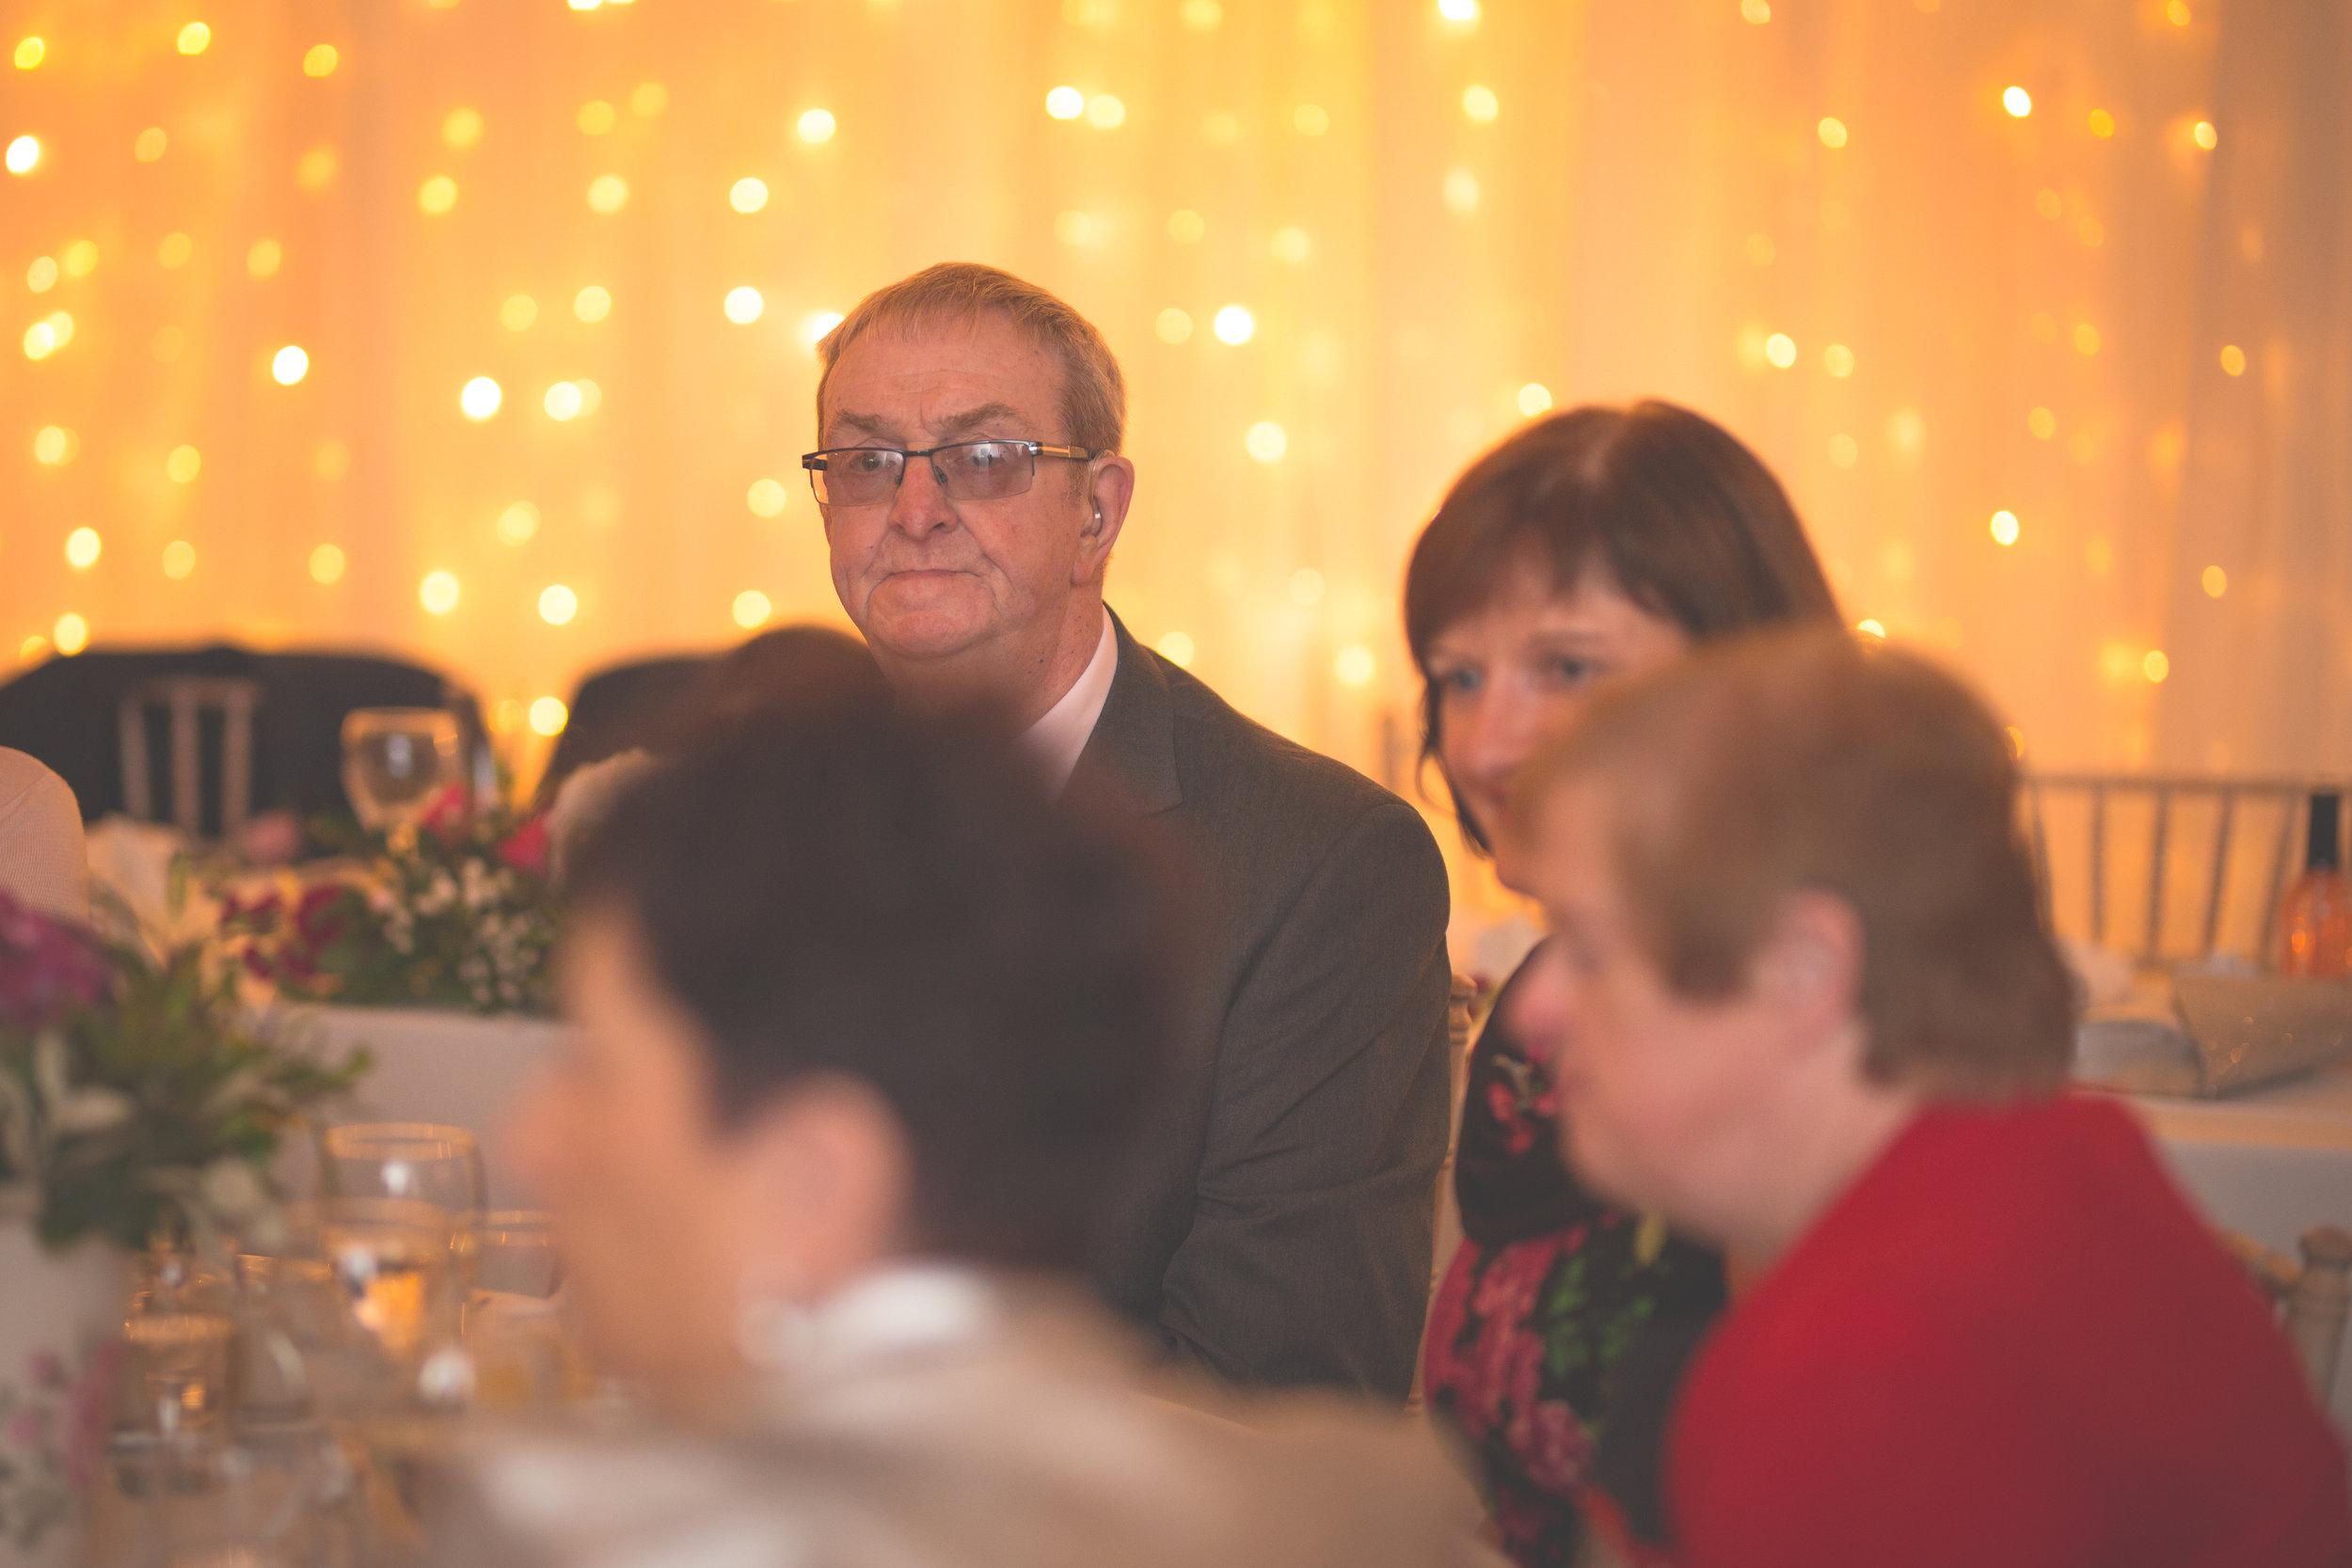 Brian McEwan Wedding Photography | Carol-Anne & Sean | The Speeches-28.jpg